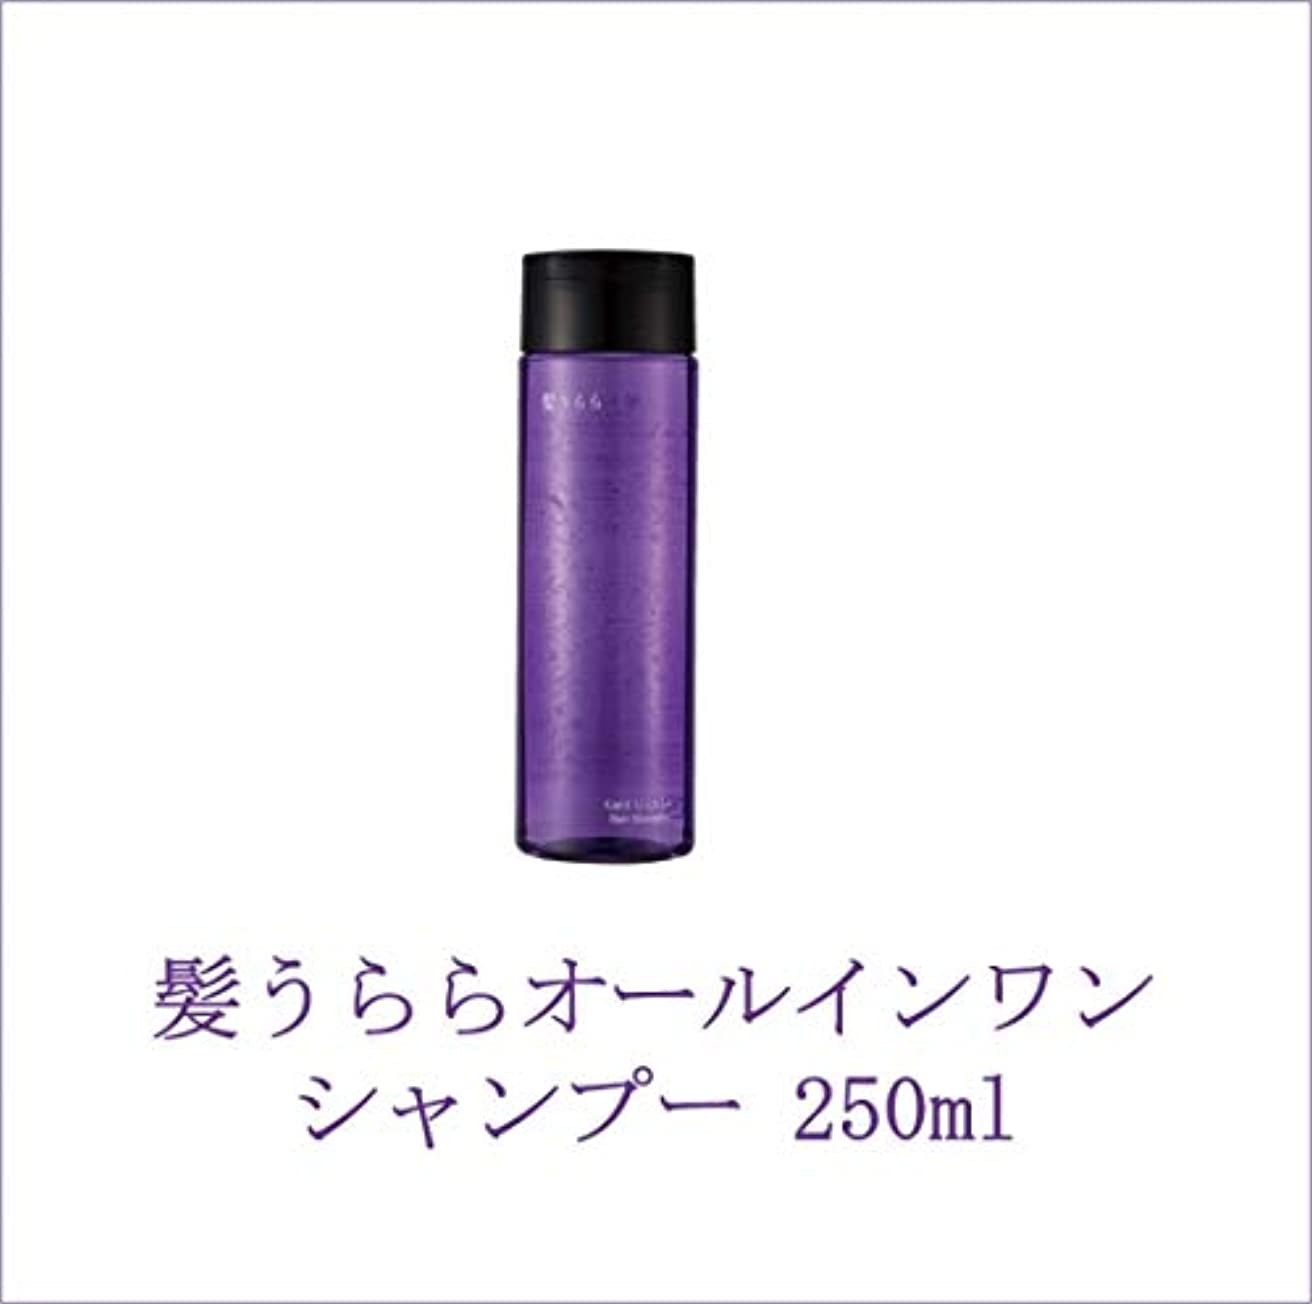 色モルヒネ蓋ツヤ髪専用シャンプー 髪うらら オールインワンシャンプー (250ml)